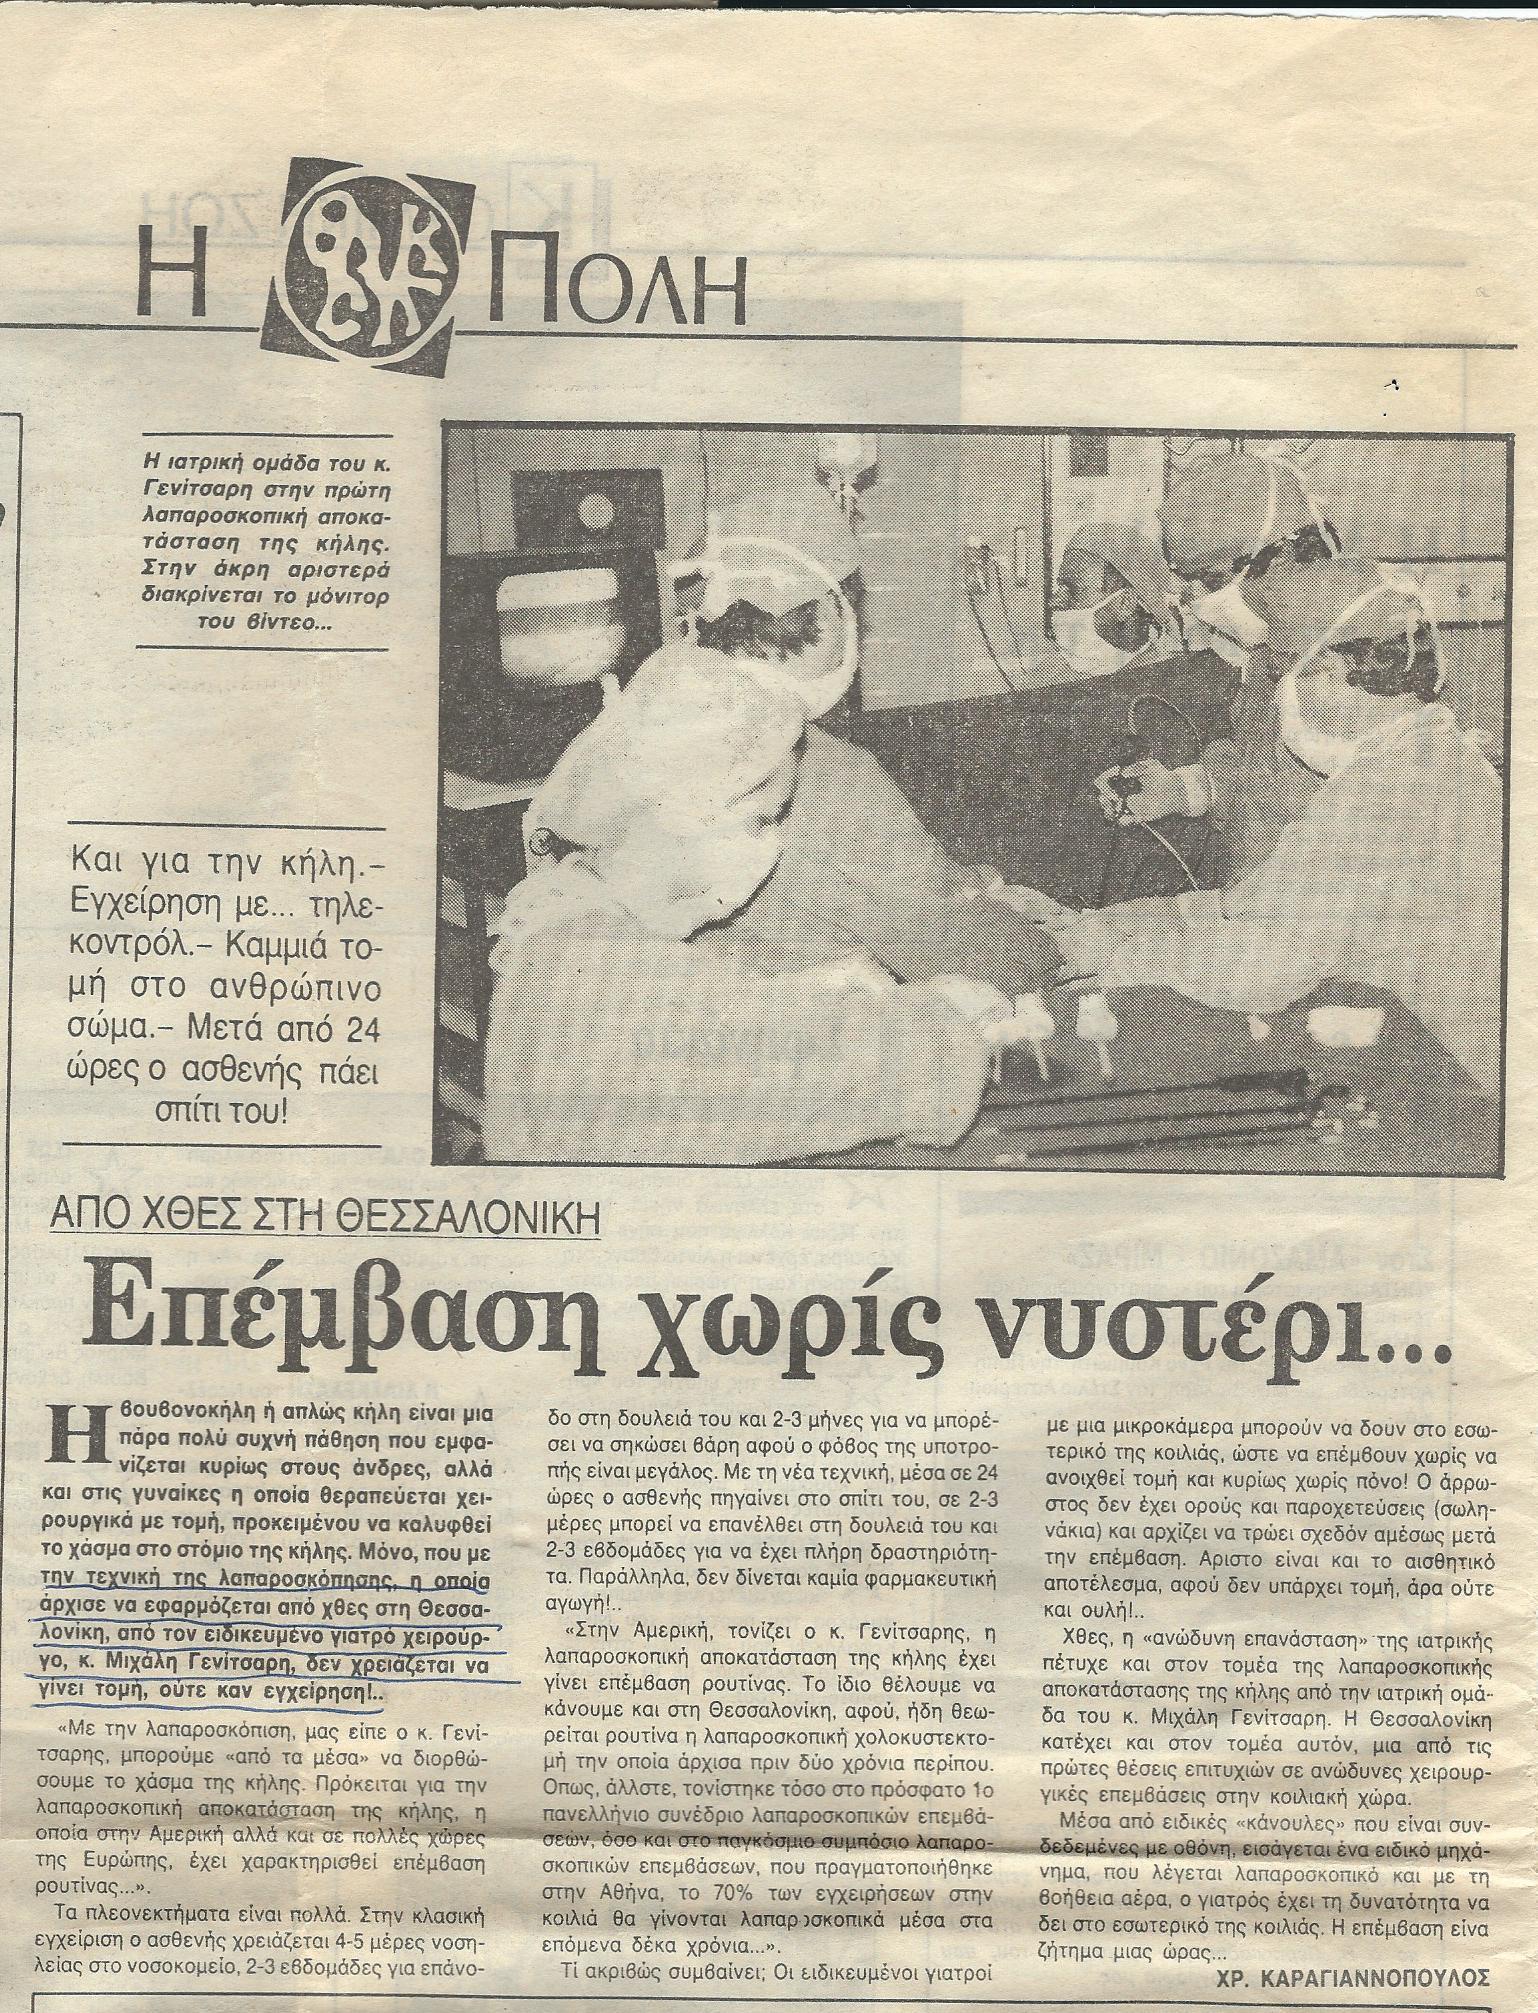 Επέμβαση χωρίς νυστέρι – «Θεσσαλονίκη», 14 Ιουλίου 1993